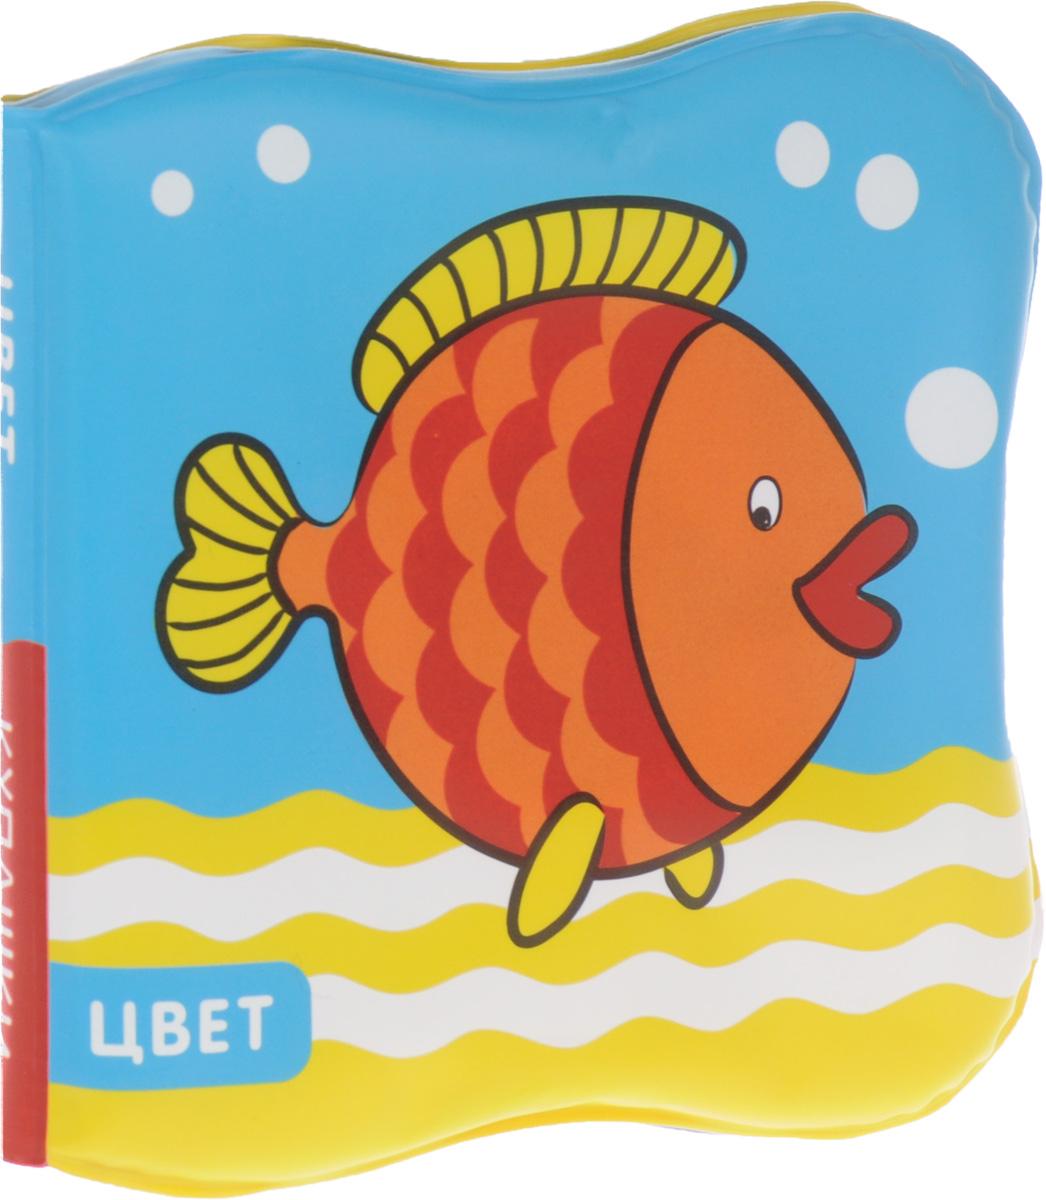 Мозаика-Синтез Книжка-игрушка Рыбка Цвет978-5-4315-0594-2С книжкой Рыбка серии Купашки так приятно играть в воде! С ней купание станет не только полезной, но и веселой процедурой. Книжка не боится воды, она очень мягкая и приятная на ощупь, а еще издает забавный писк. Крупные, яркие картинки познакомят вашего малыша с основными цветами.